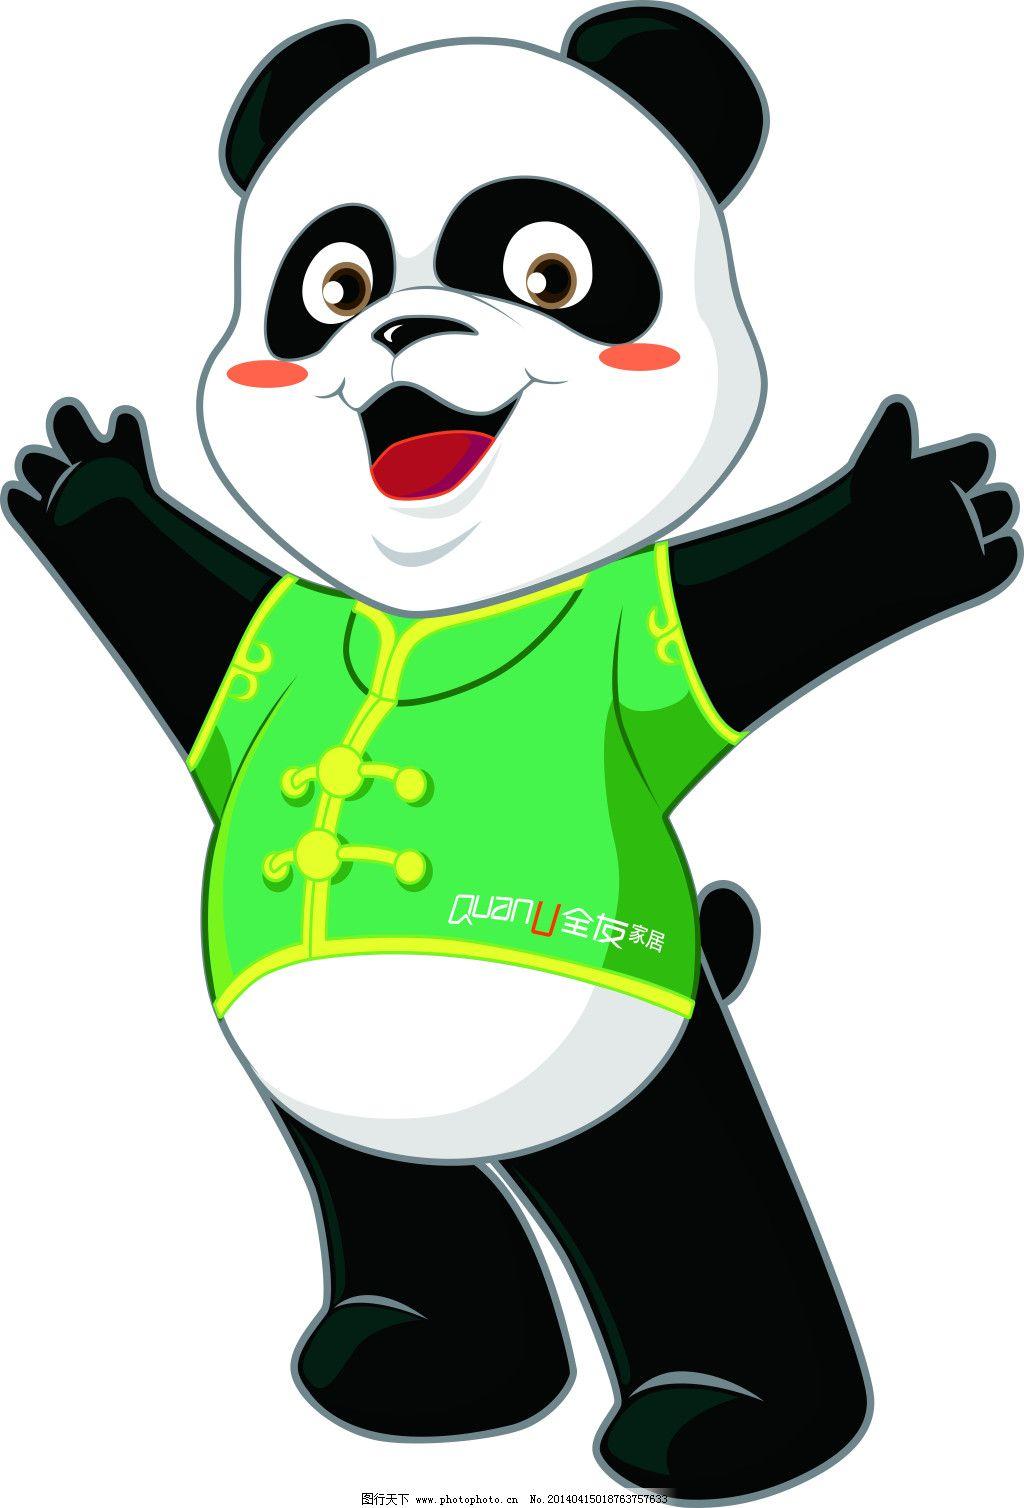 卡通熊猫 熊猫 全友熊猫 熊猫 卡通熊猫 图片素材 卡通|动漫|可爱图片